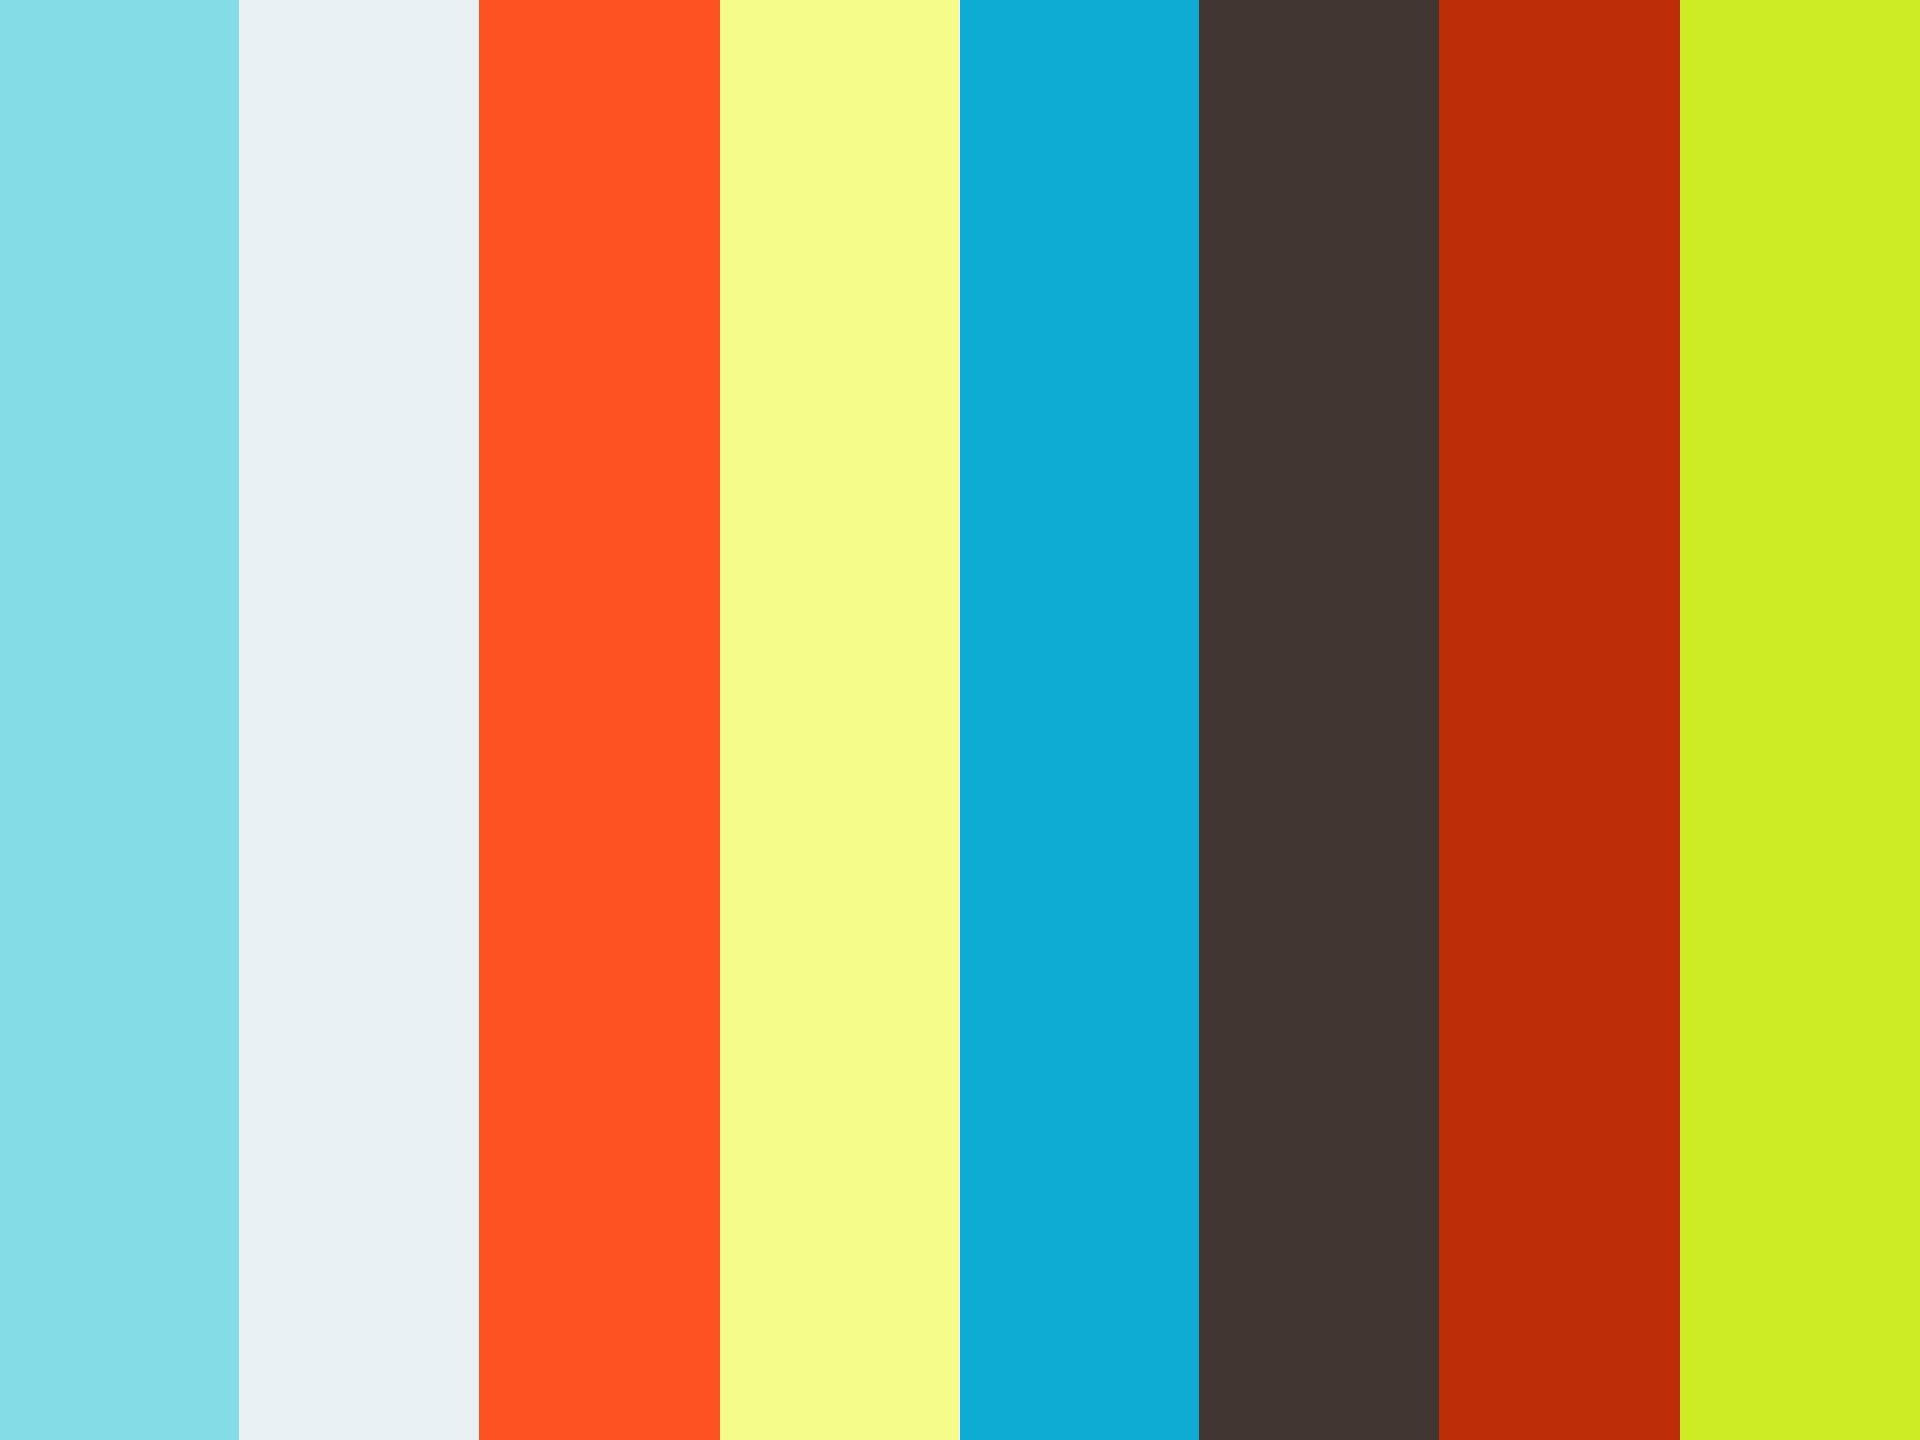 Tutoriel PrestaShop 1.6 - Gestion du catalogue produit en multilangues on Vimeo